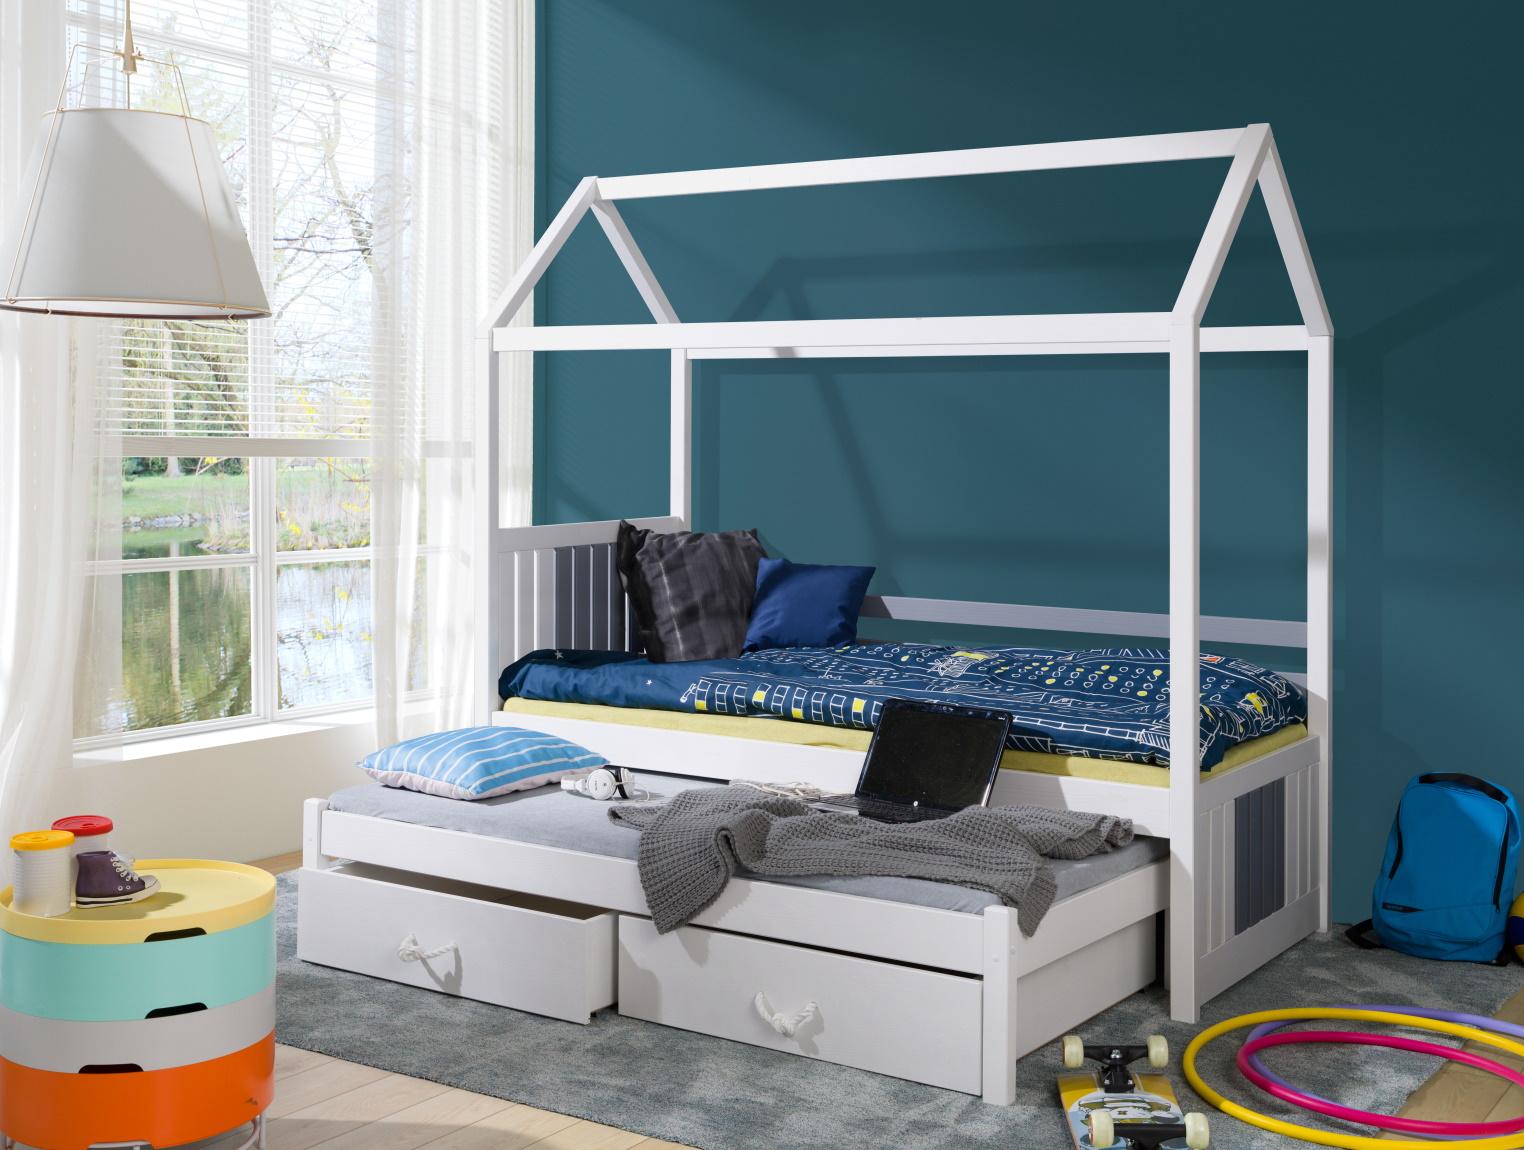 MebloBed Rozkládací postel Jonáš s úložným prostorem